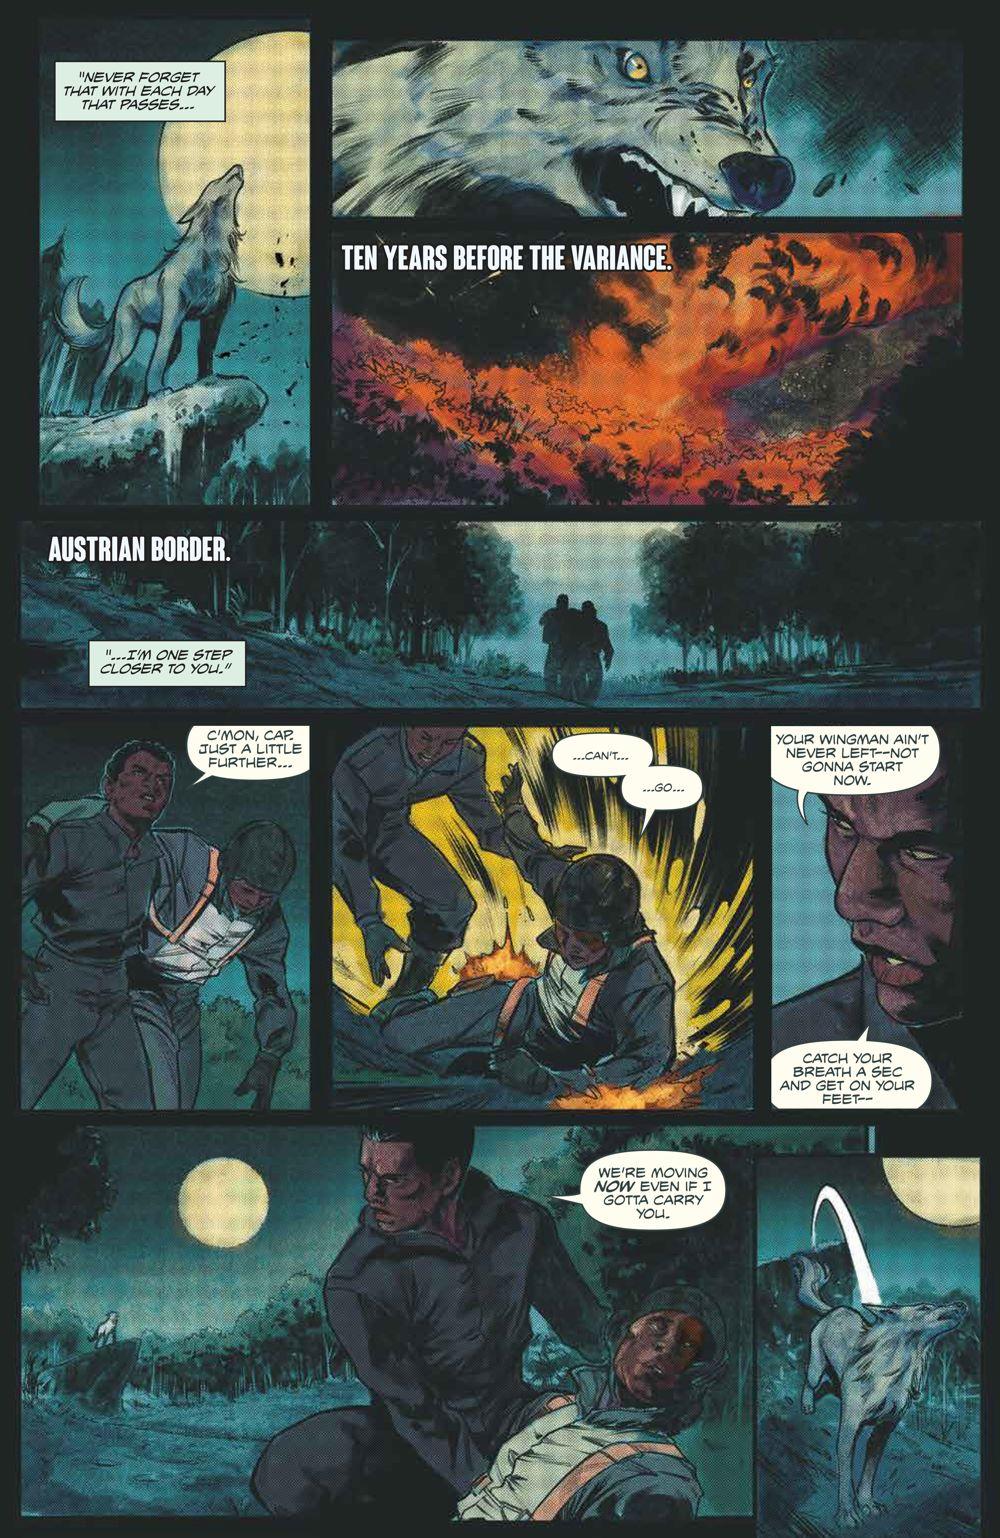 DarkBlood_003_PRESS_5 ComicList Previews: DARK BLOOD #3 (OF 6)